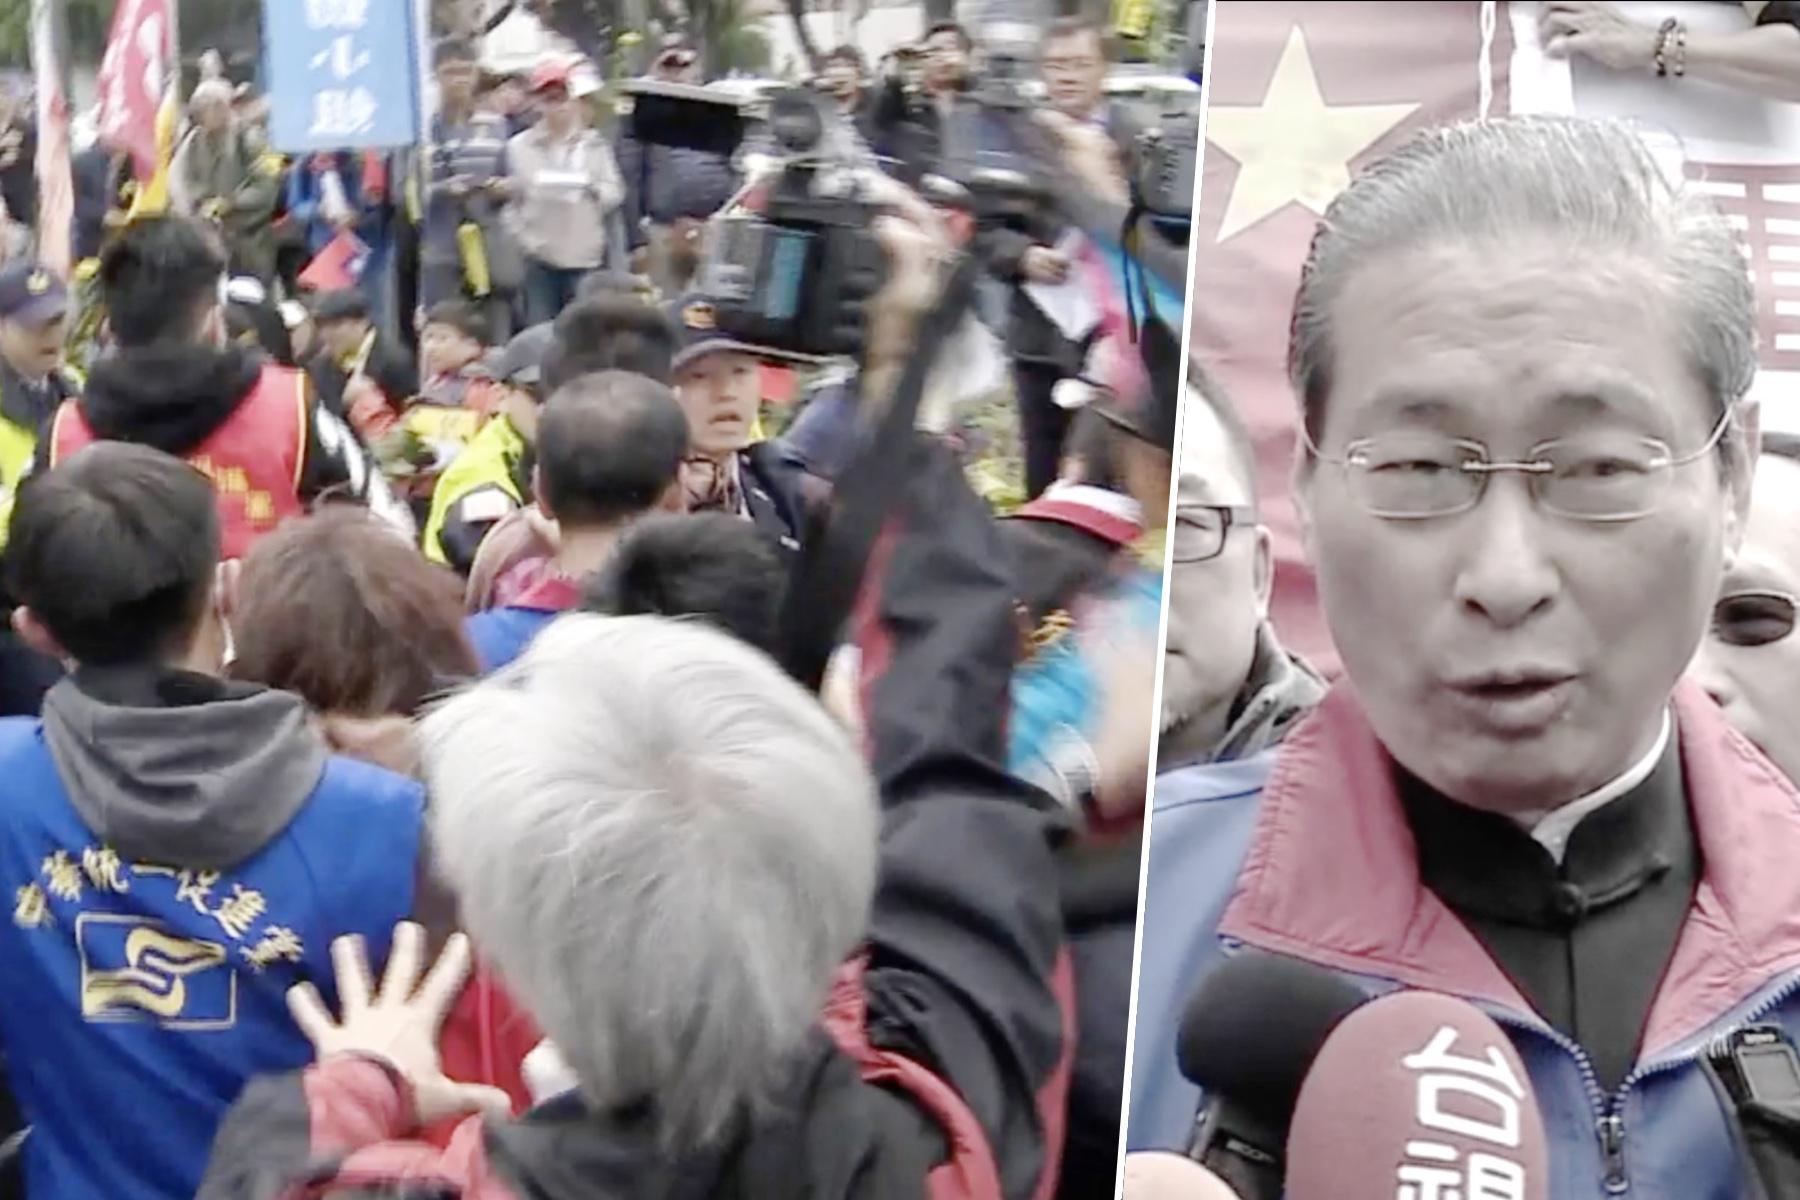 外媒:統促黨與中共勾結 滲透台灣大選